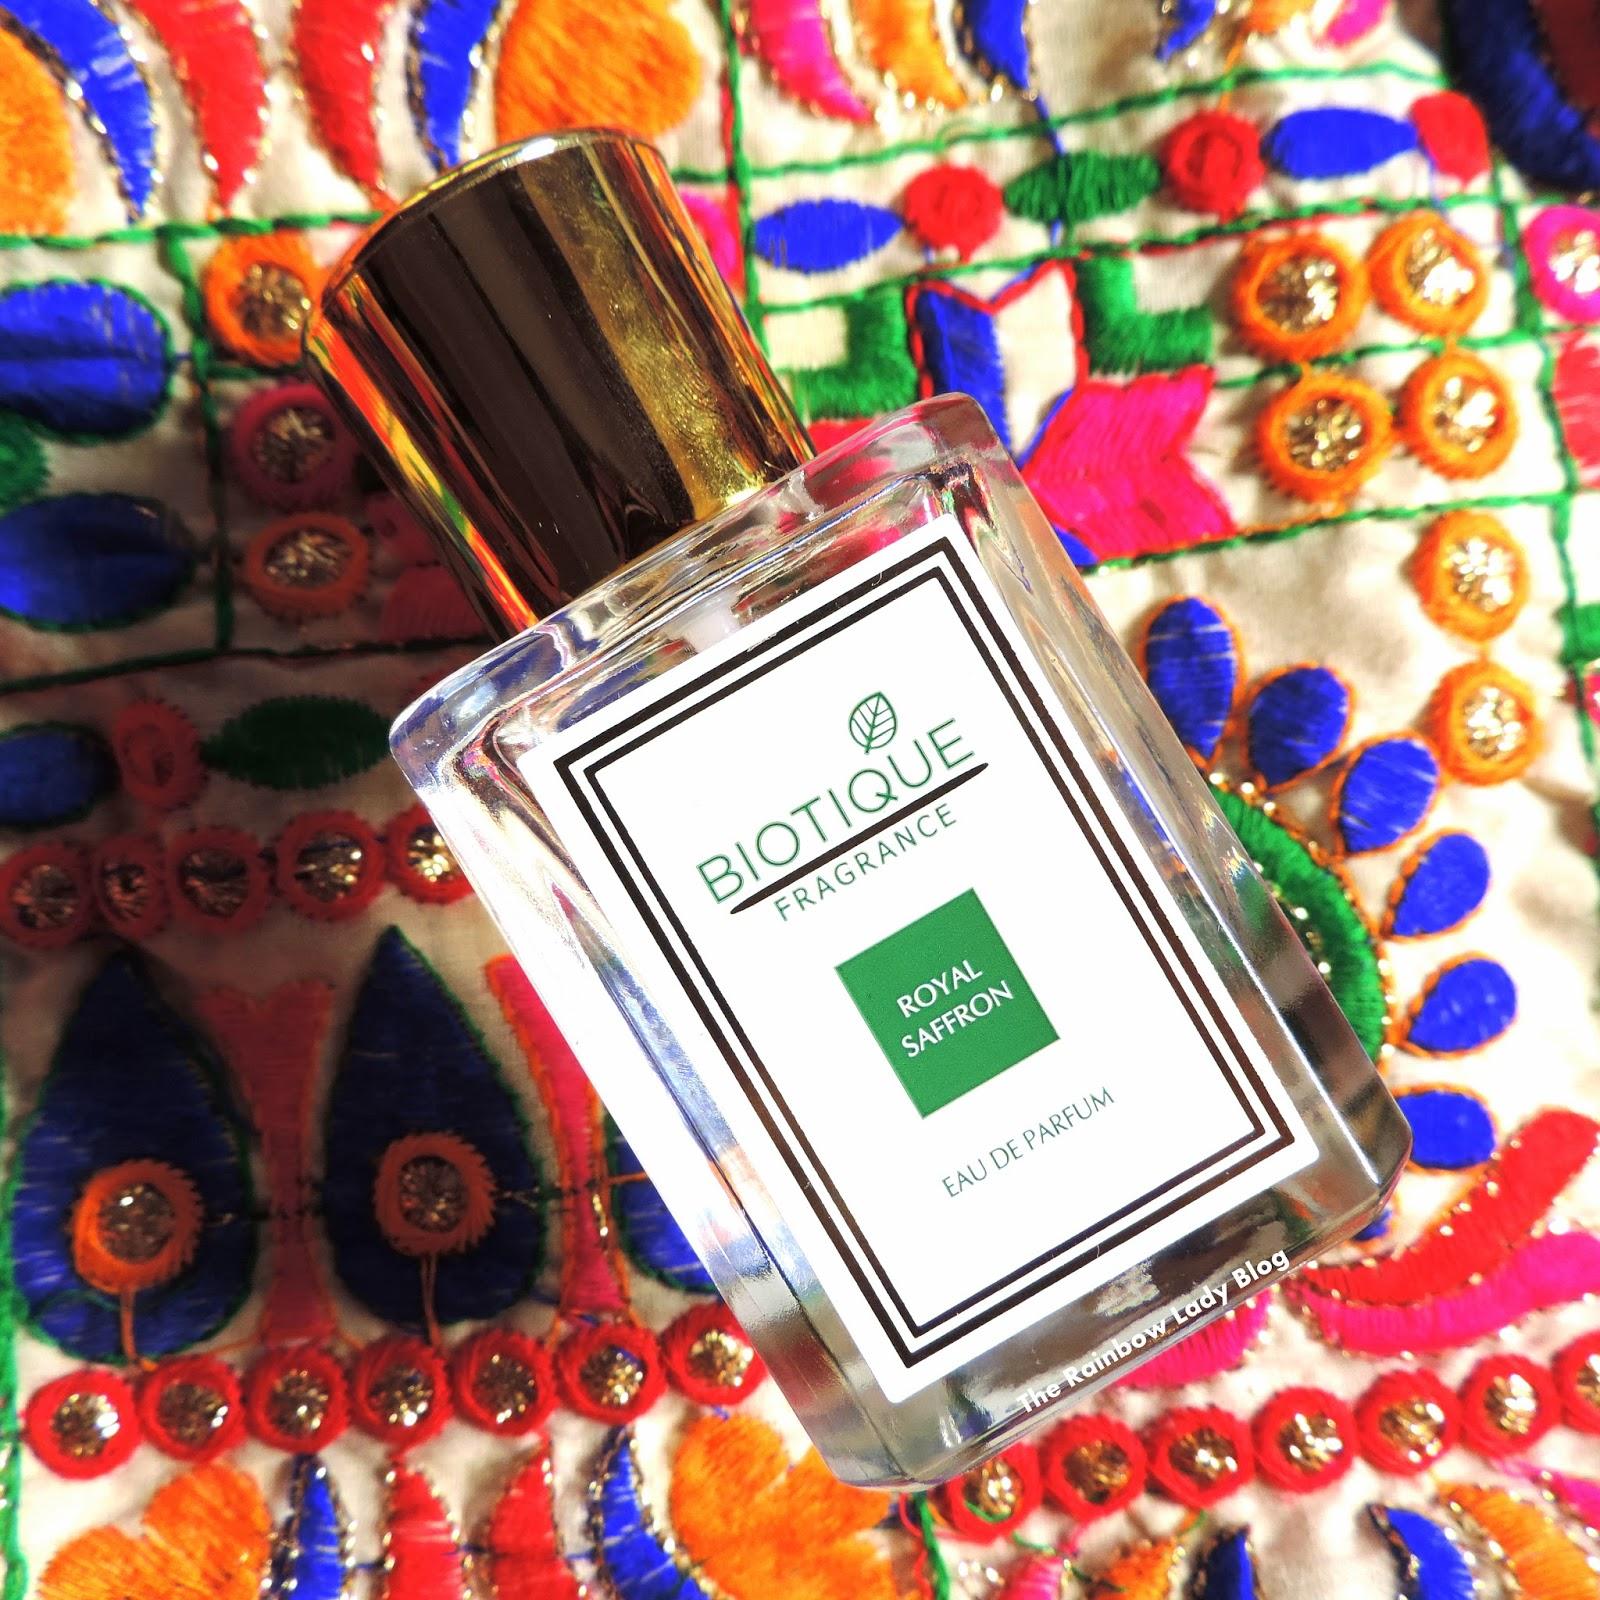 Biotique Fragrance    Royal Saffron - The Rainbow Lady Blog